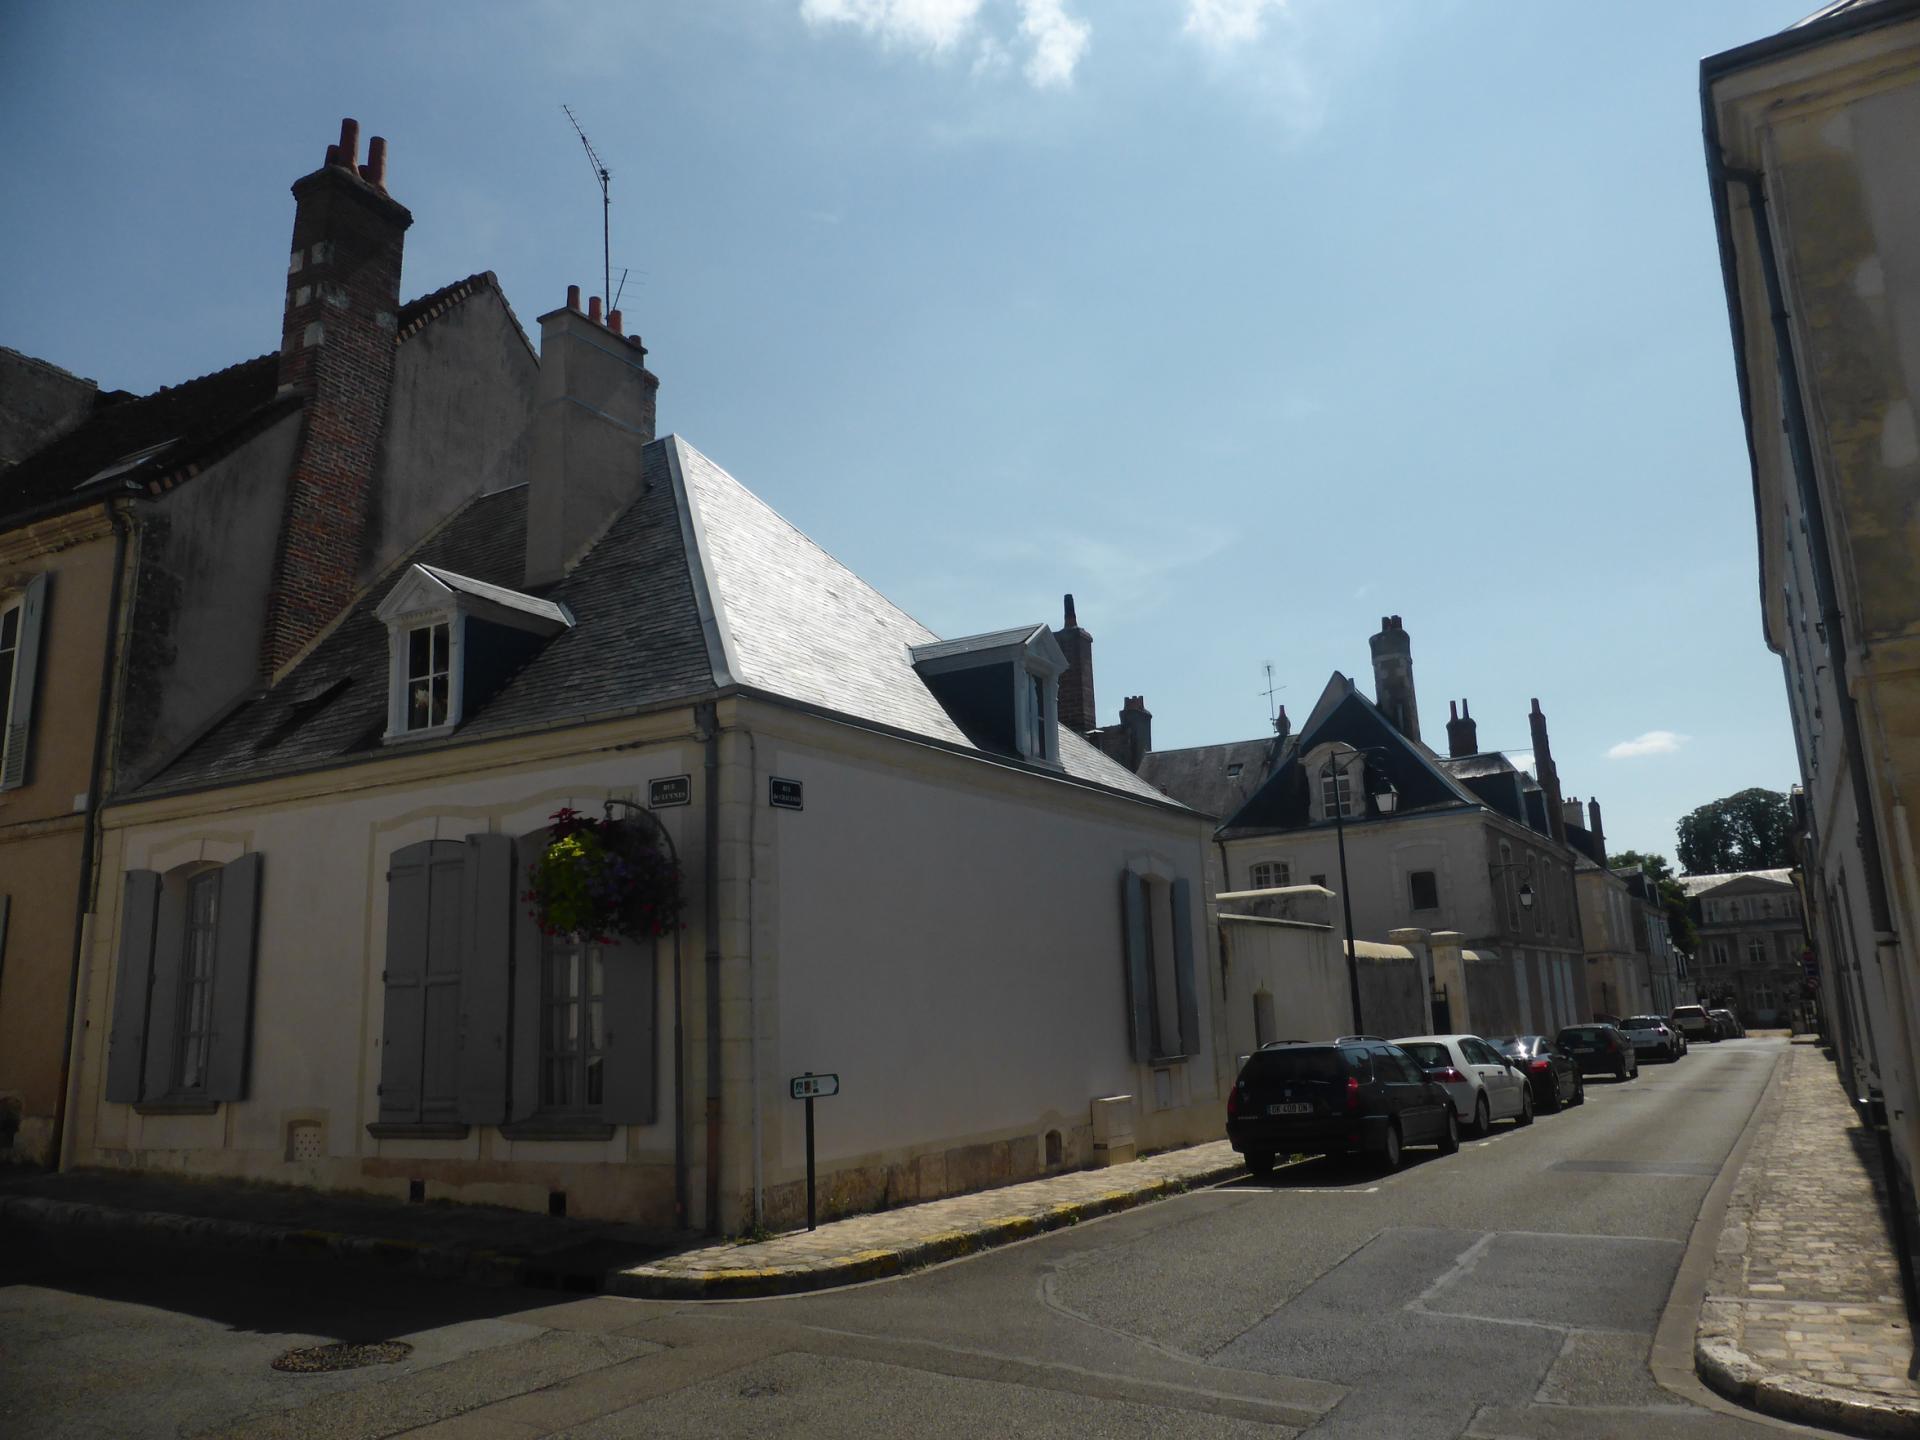 Châteaudun, maison basse et rue en perspective, XVIIIe siècle, cl. Ph. Cachau